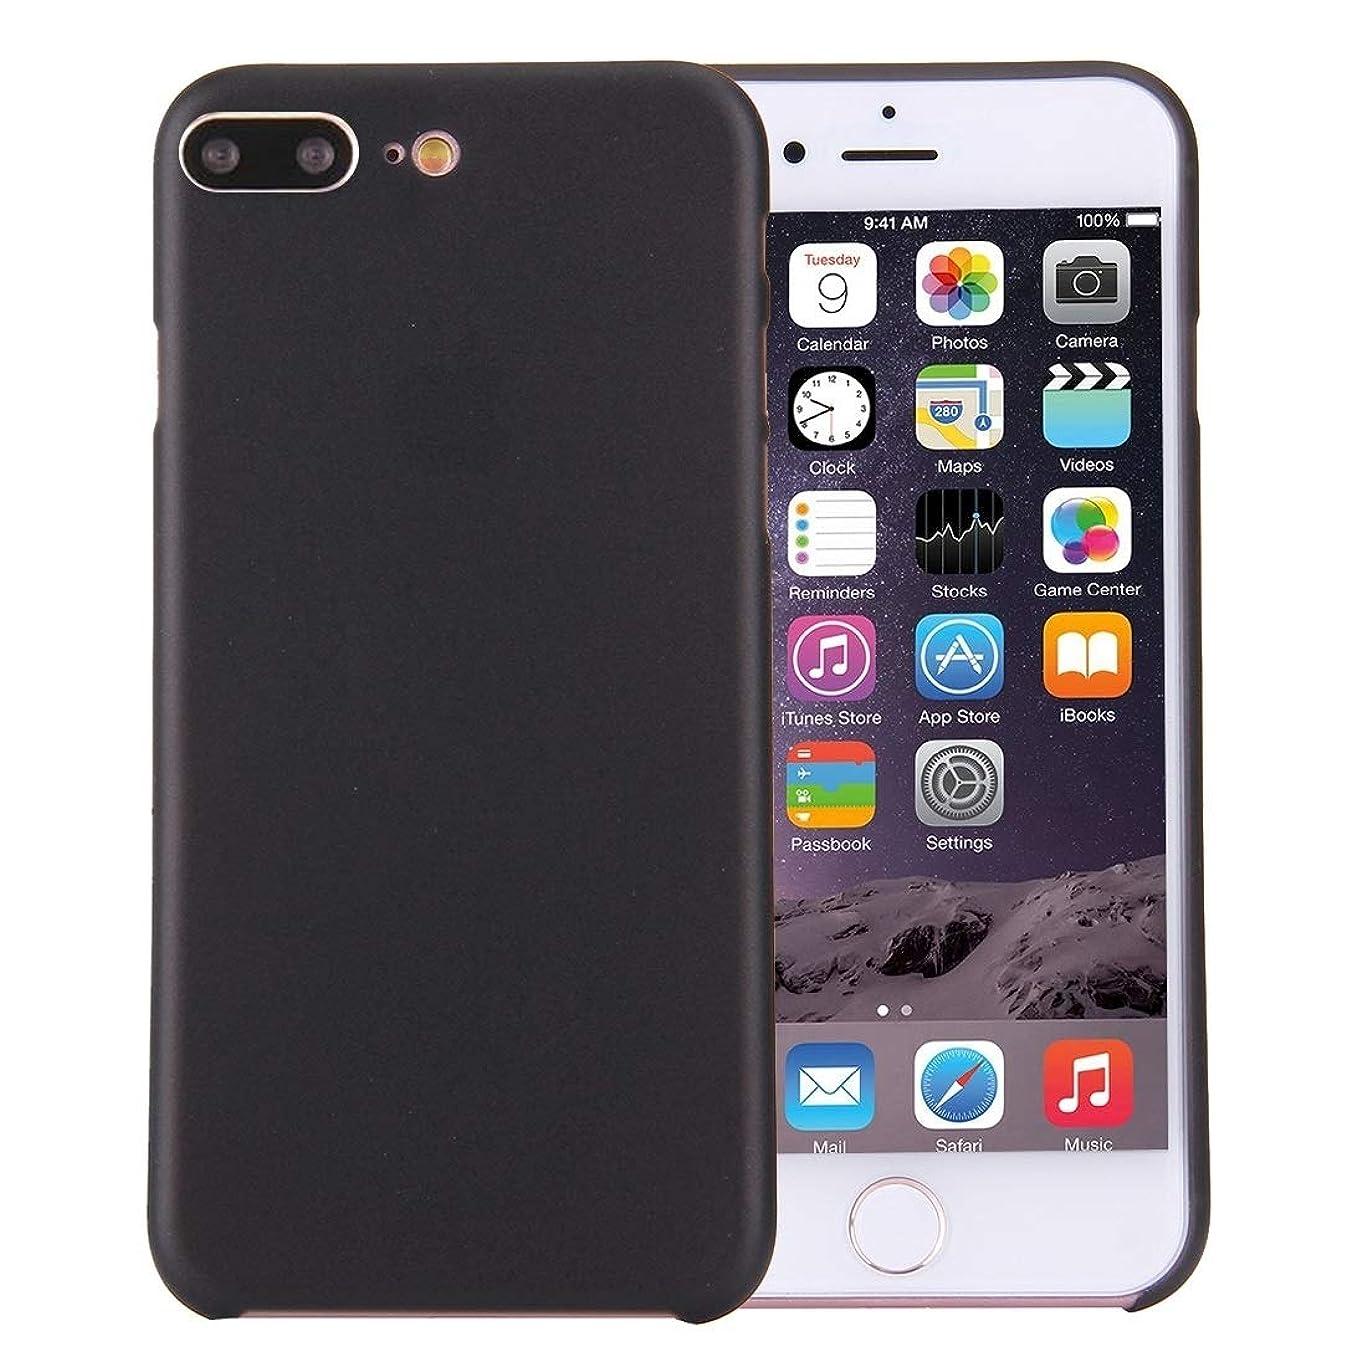 プレート透ける余韻IPhone 8 Plusおよび7 Plusに最適超薄型超軽量透明PP保護ケース(ブラック) Yikaja (色 : Black)